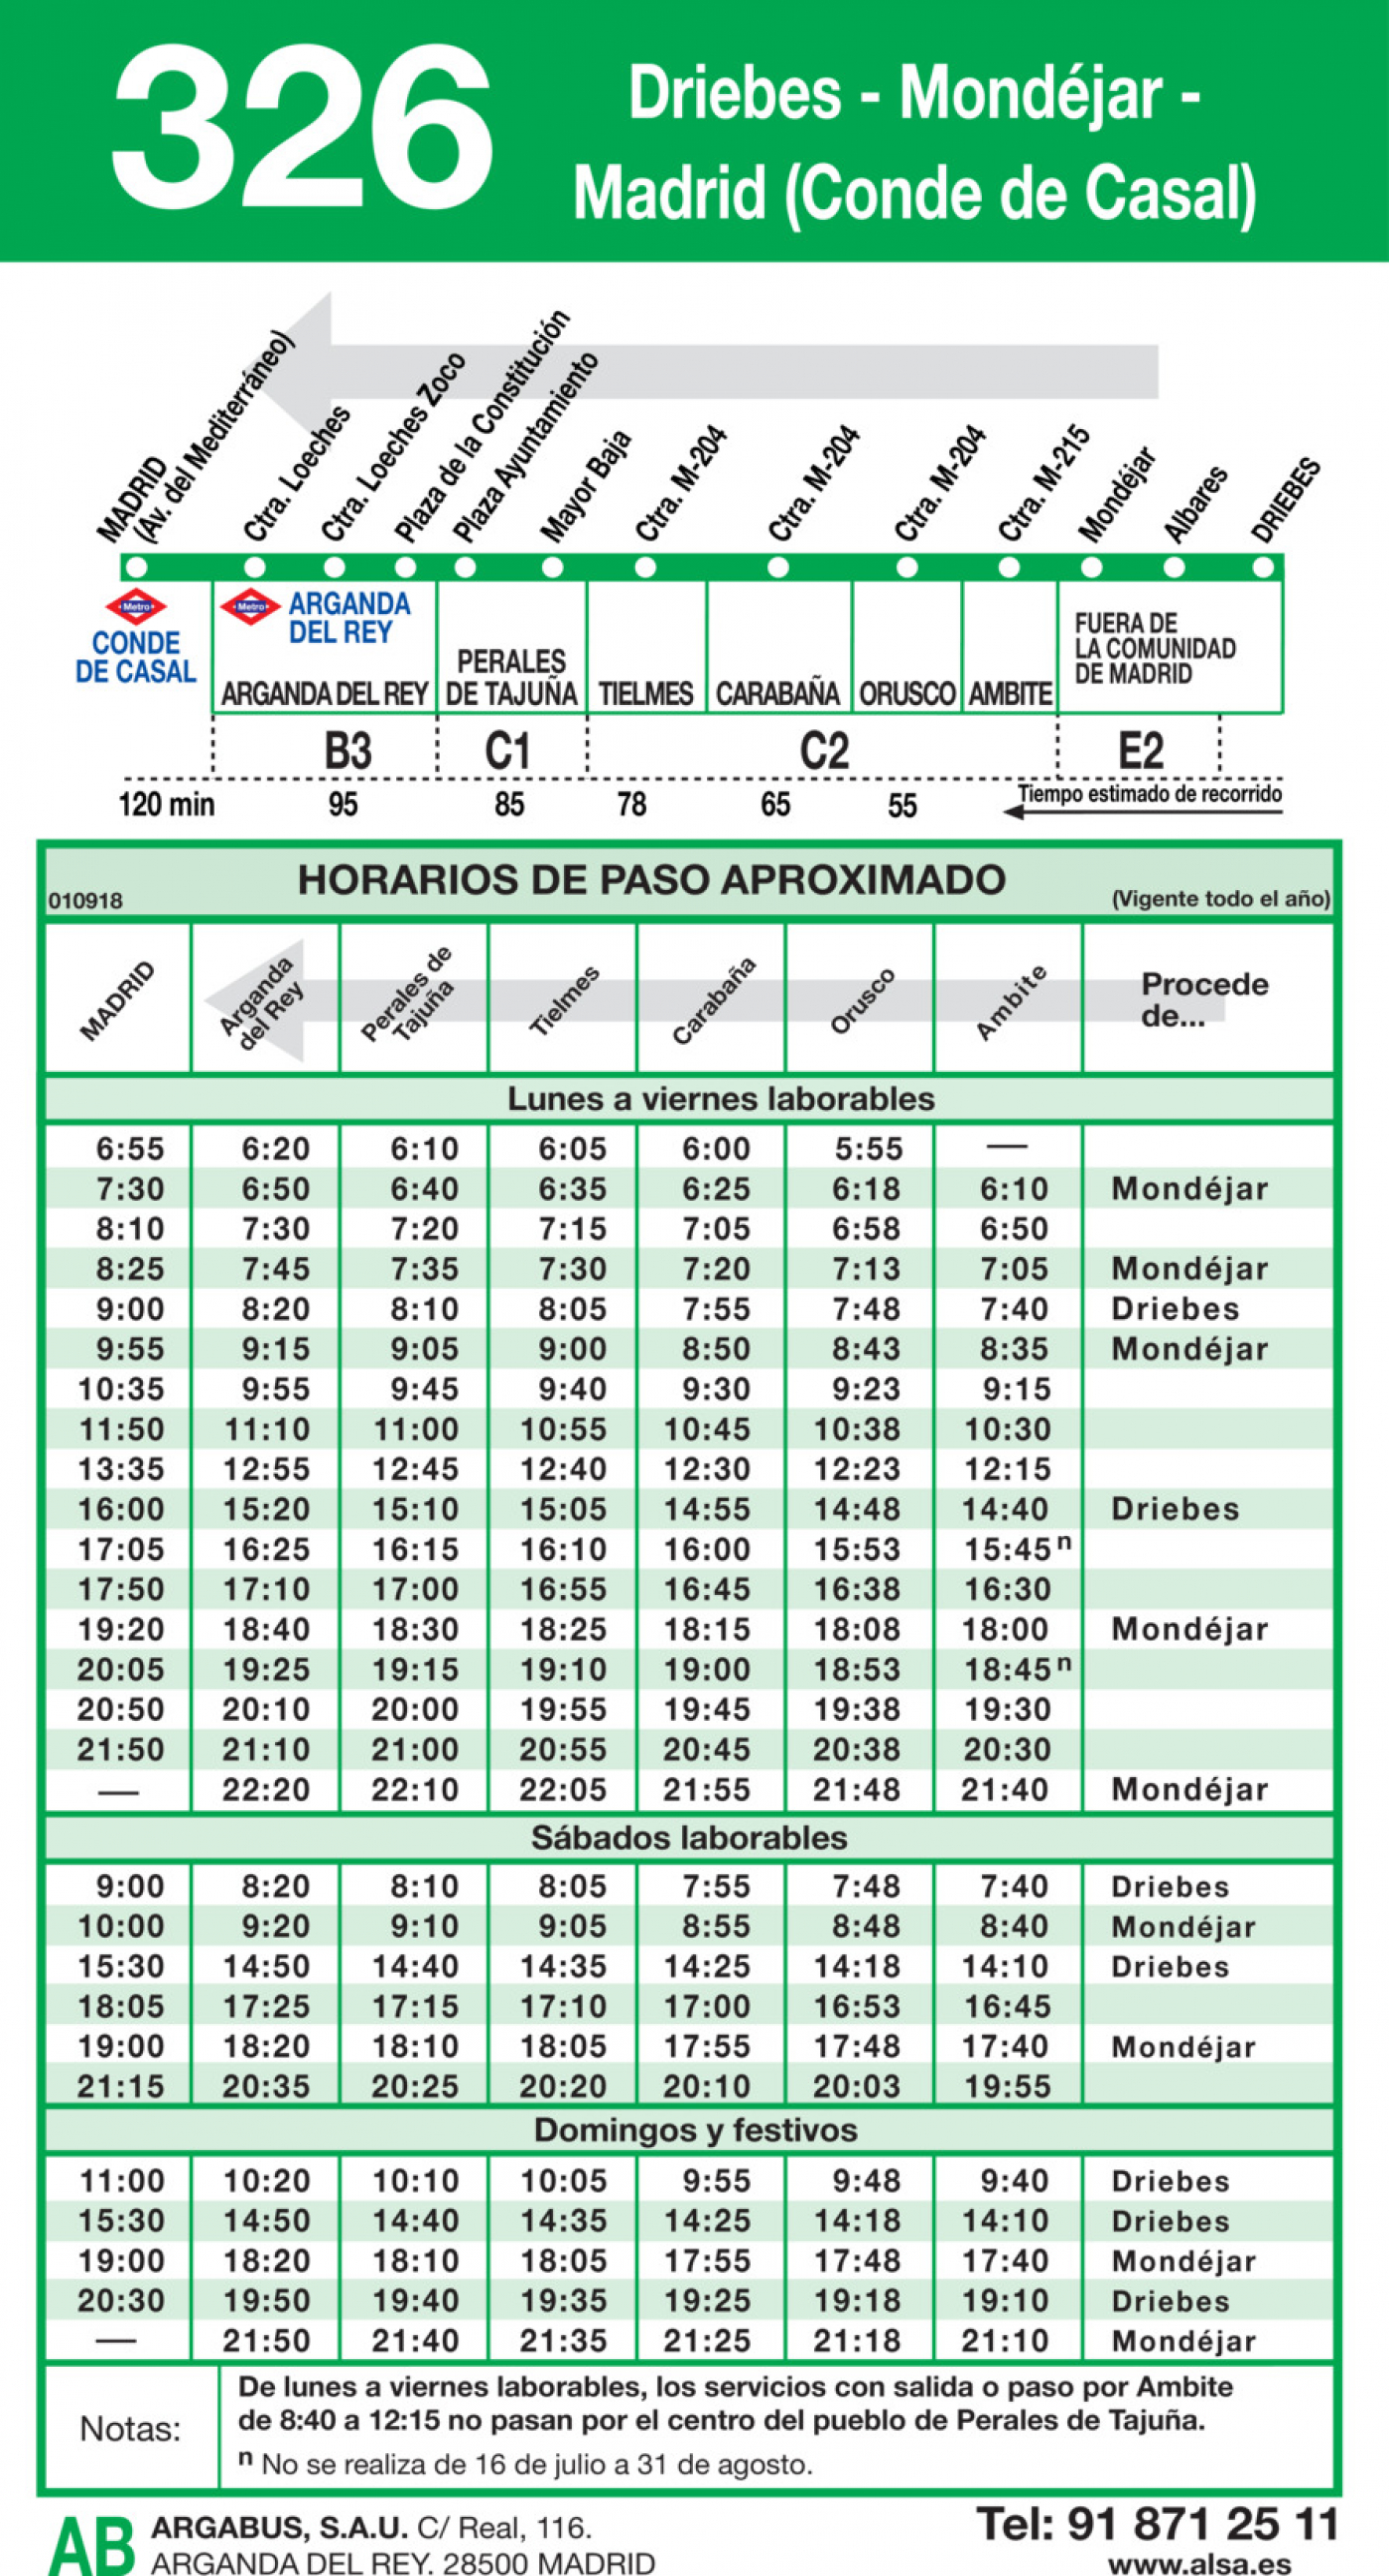 Tabla de horarios y frecuencias de paso en sentido vuelta Línea 326: Madrid (Conde Casal) - Mondéjar - Driebes